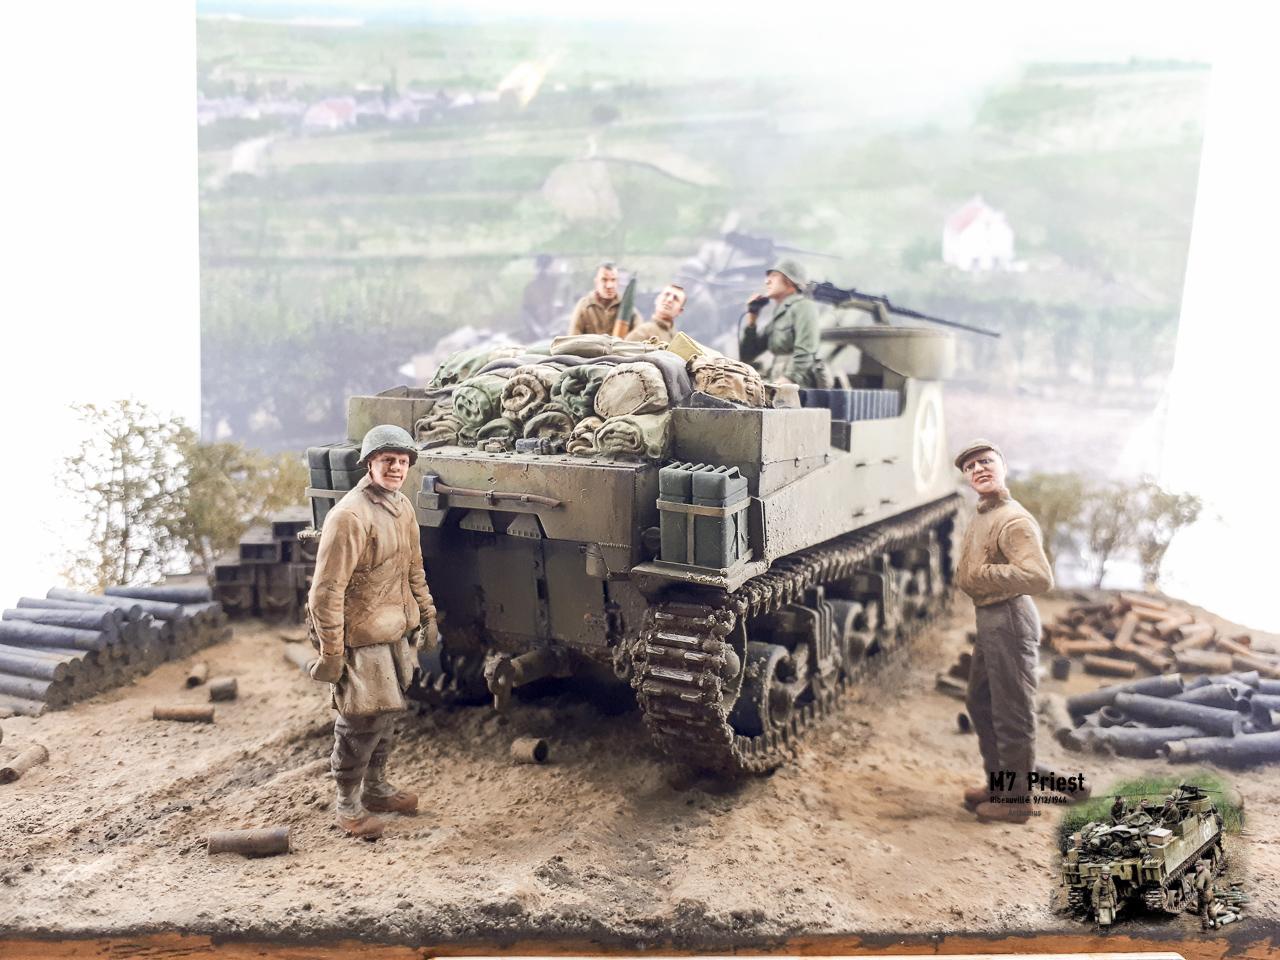 M7 Priest Ribeauvillé 9/12/1944 2018-162